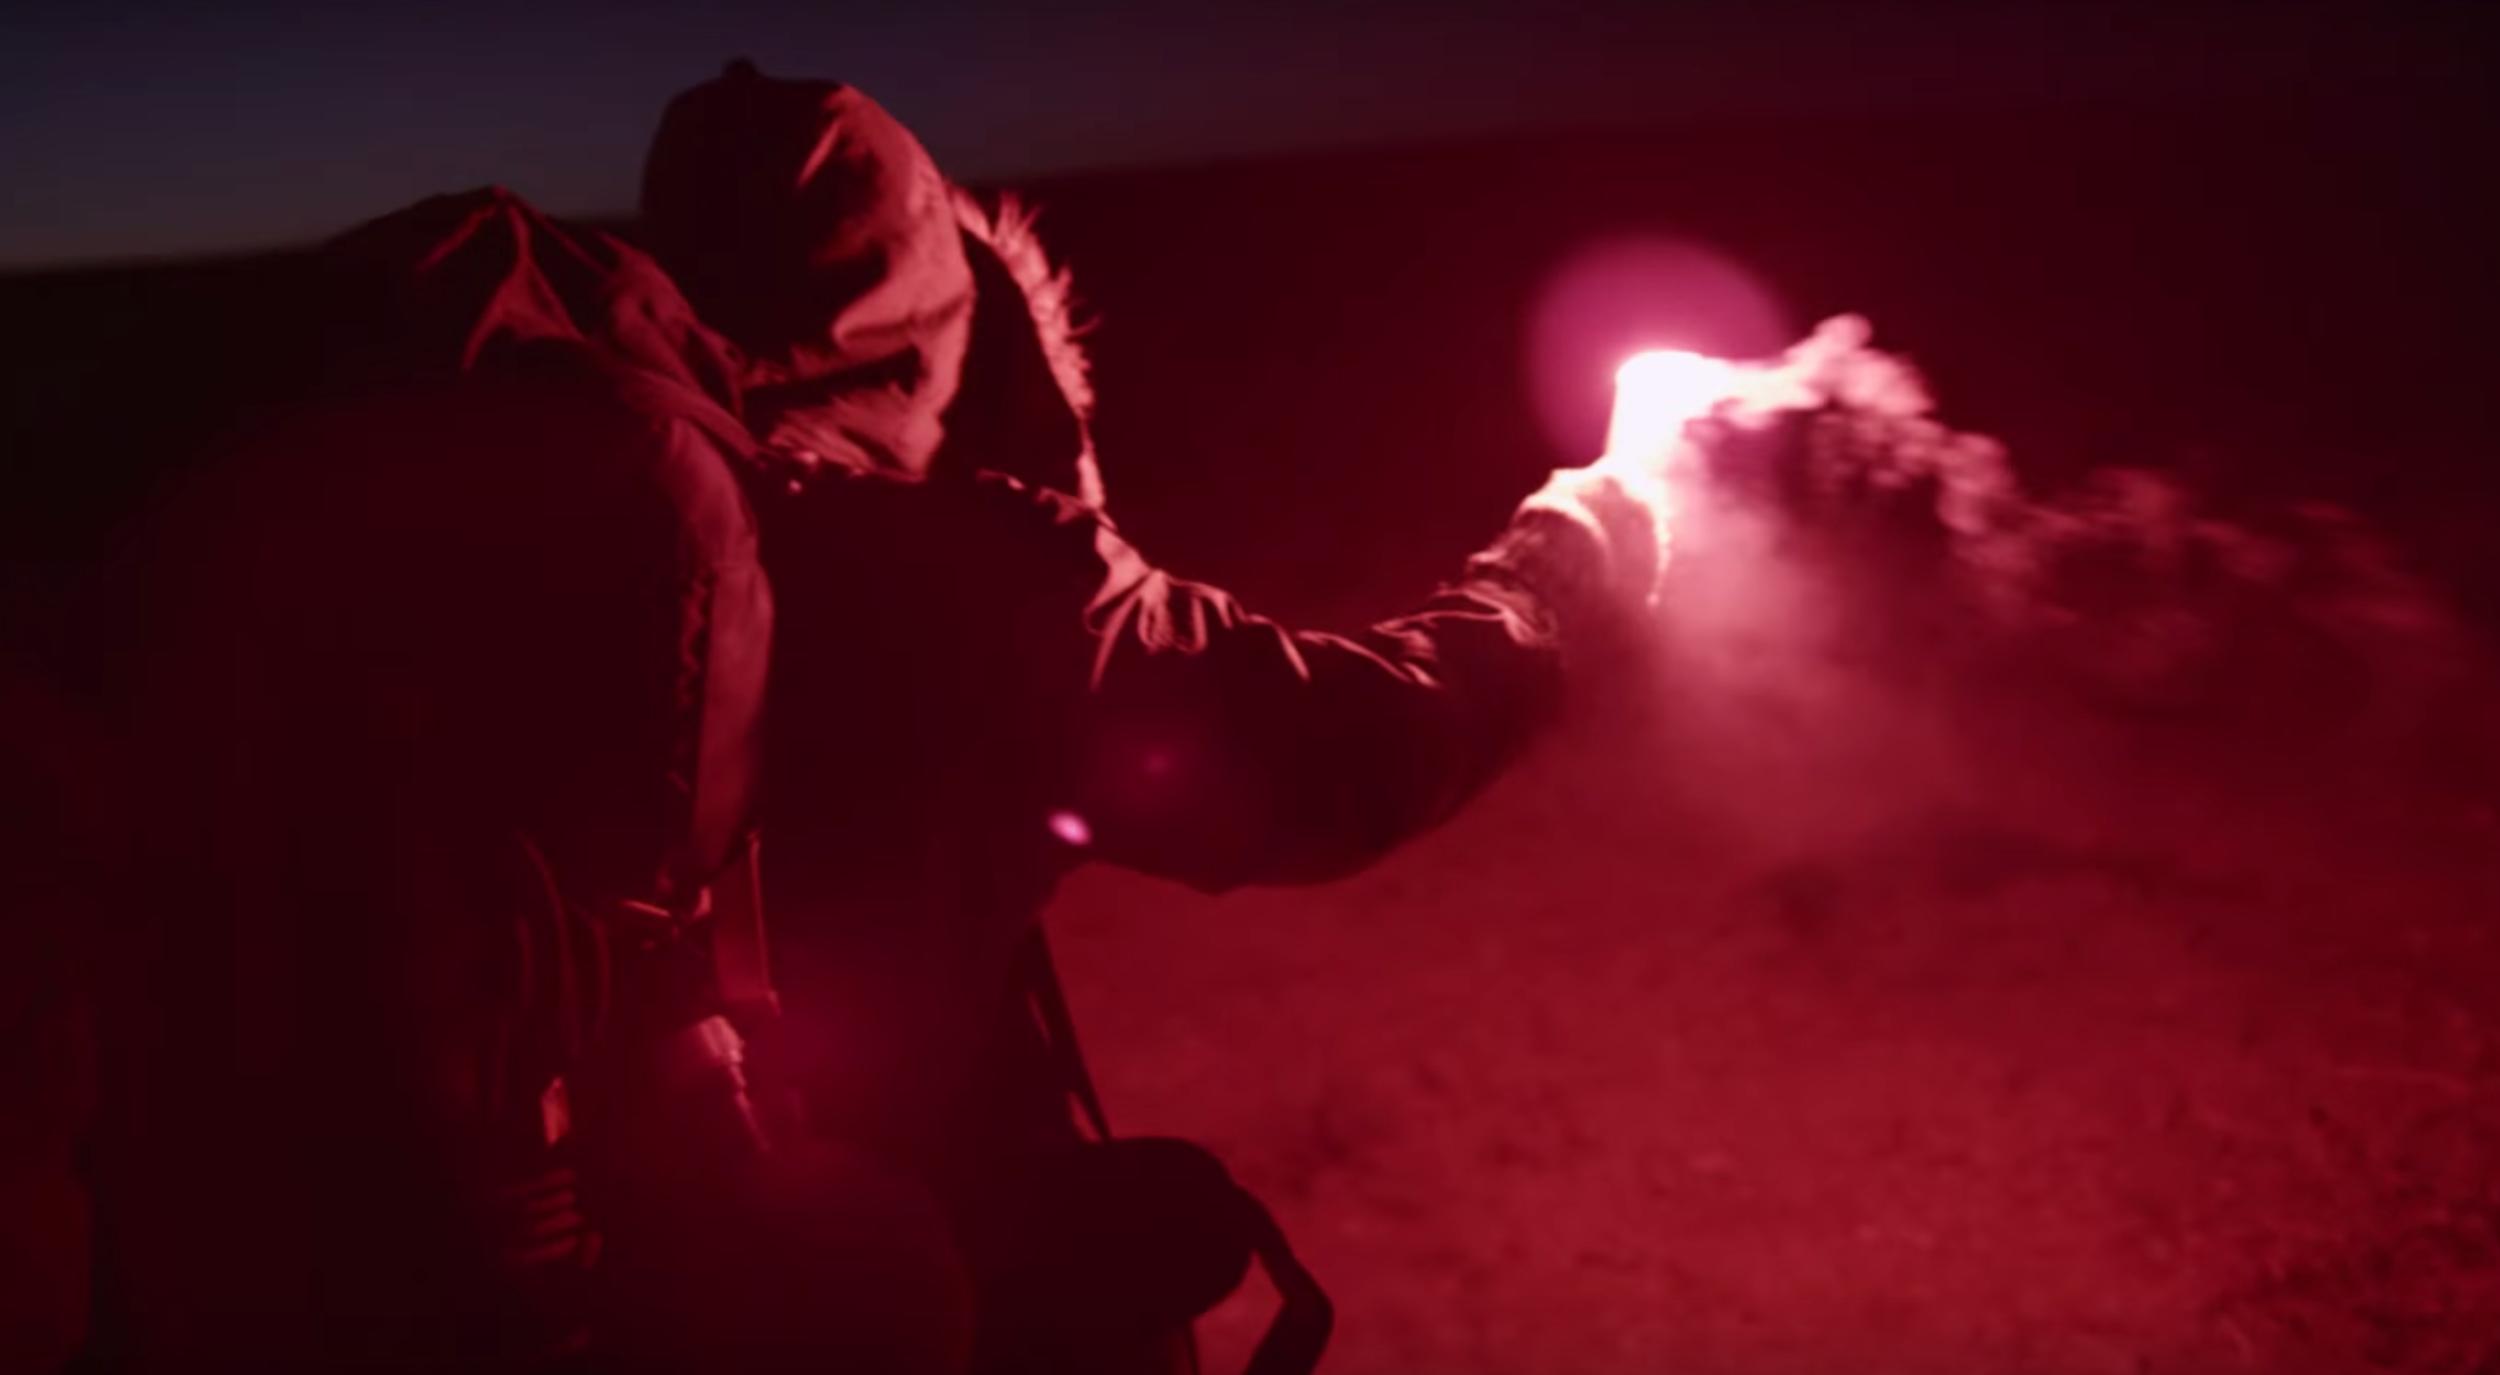 Fire Escape by Imaginary Future // Music Video